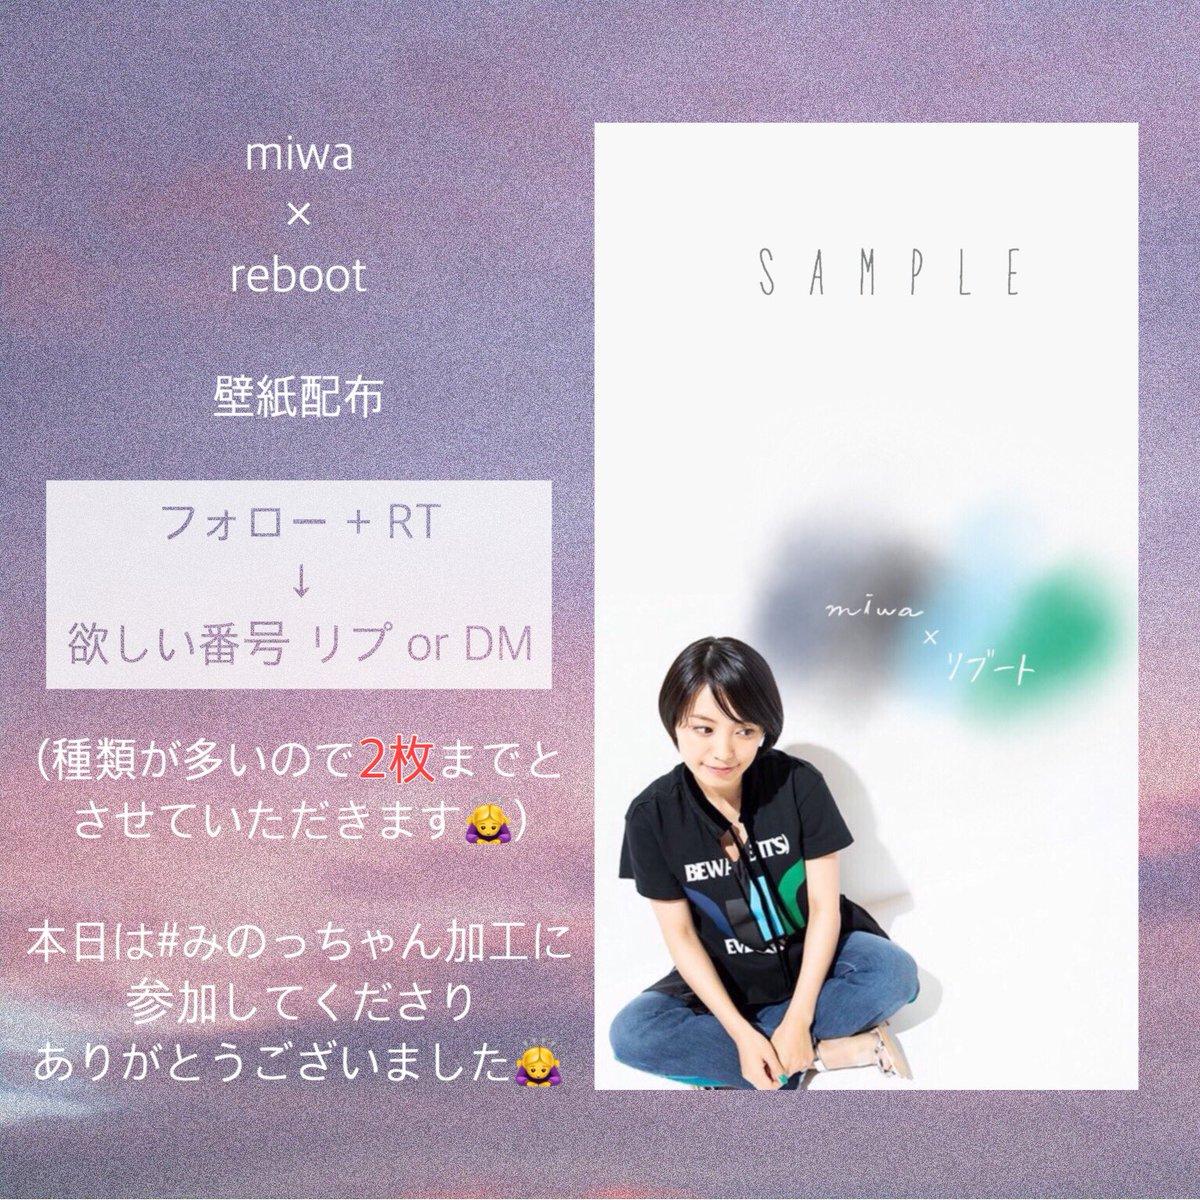 みのっちゃん Miwa Reboot 壁紙配布 フォロー Rt 欲しいものリプ Or Dm 1 8 3枚まで 画像加工 Miwa 壁紙 みのっちゃん加工